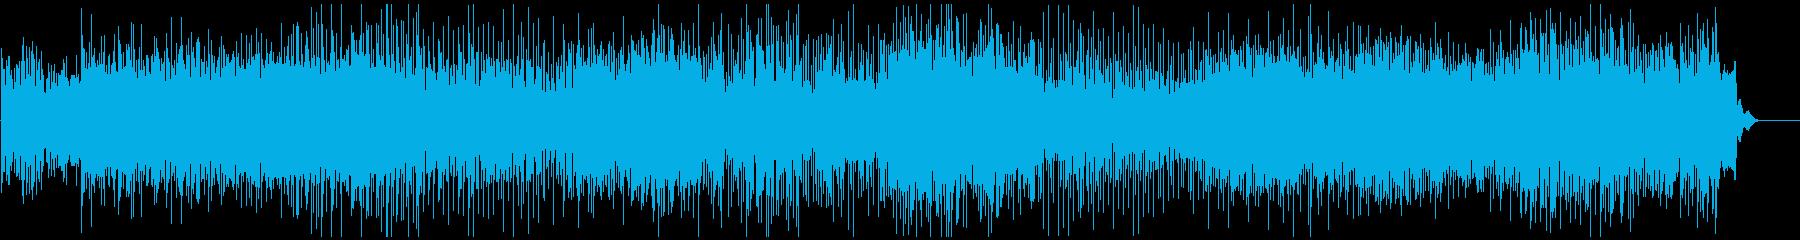 陽気で軽快なブルーグラスの再生済みの波形